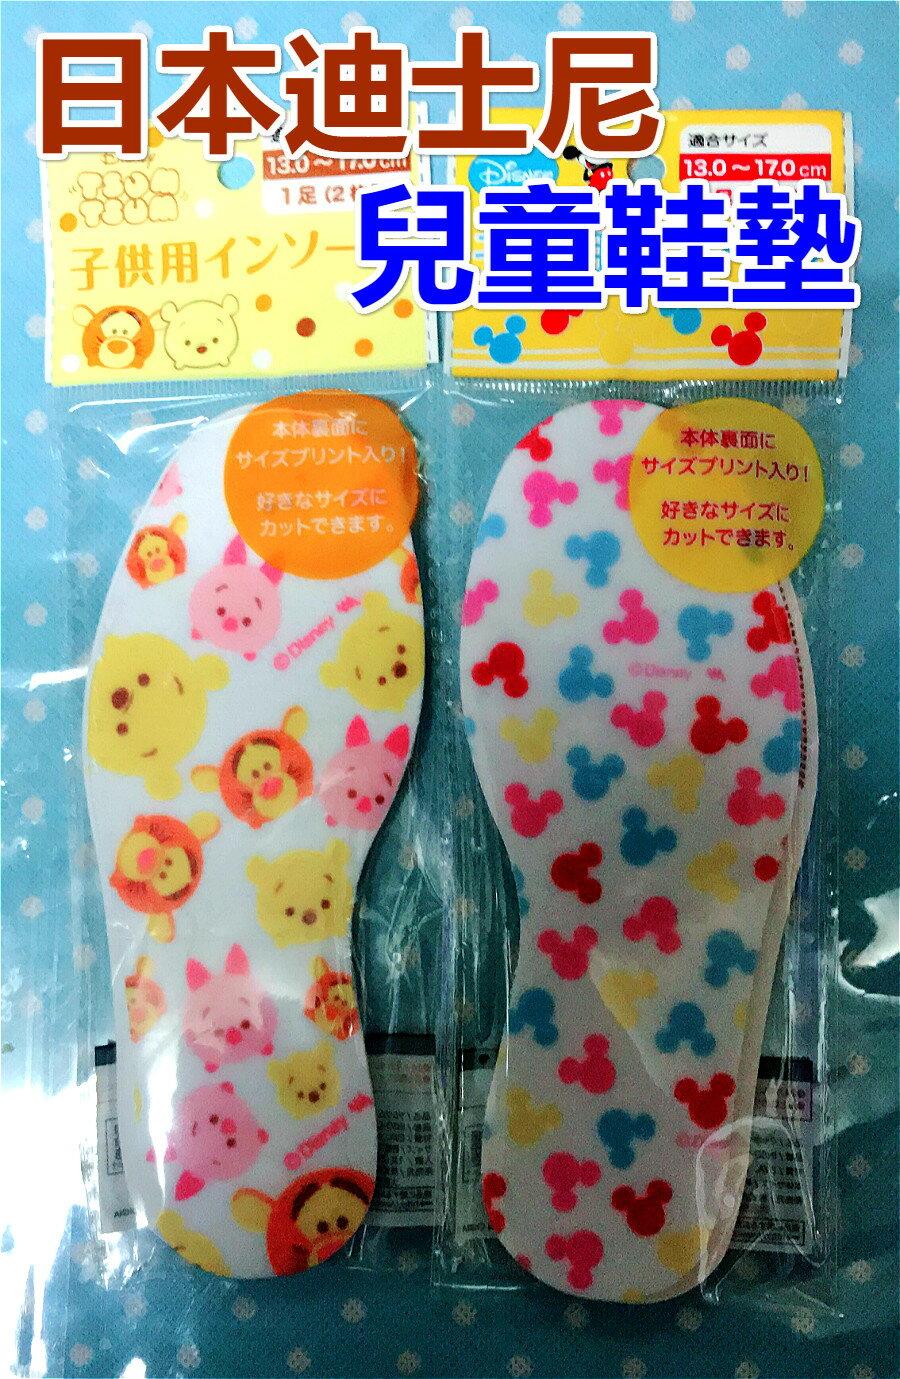 日本迪士尼 防汙鞋墊 兒童鞋墊 幼兒鞋墊 可調整鞋墊 小孩鞋墊 寶寶鞋墊 適用13-17cm 櫻花寶寶